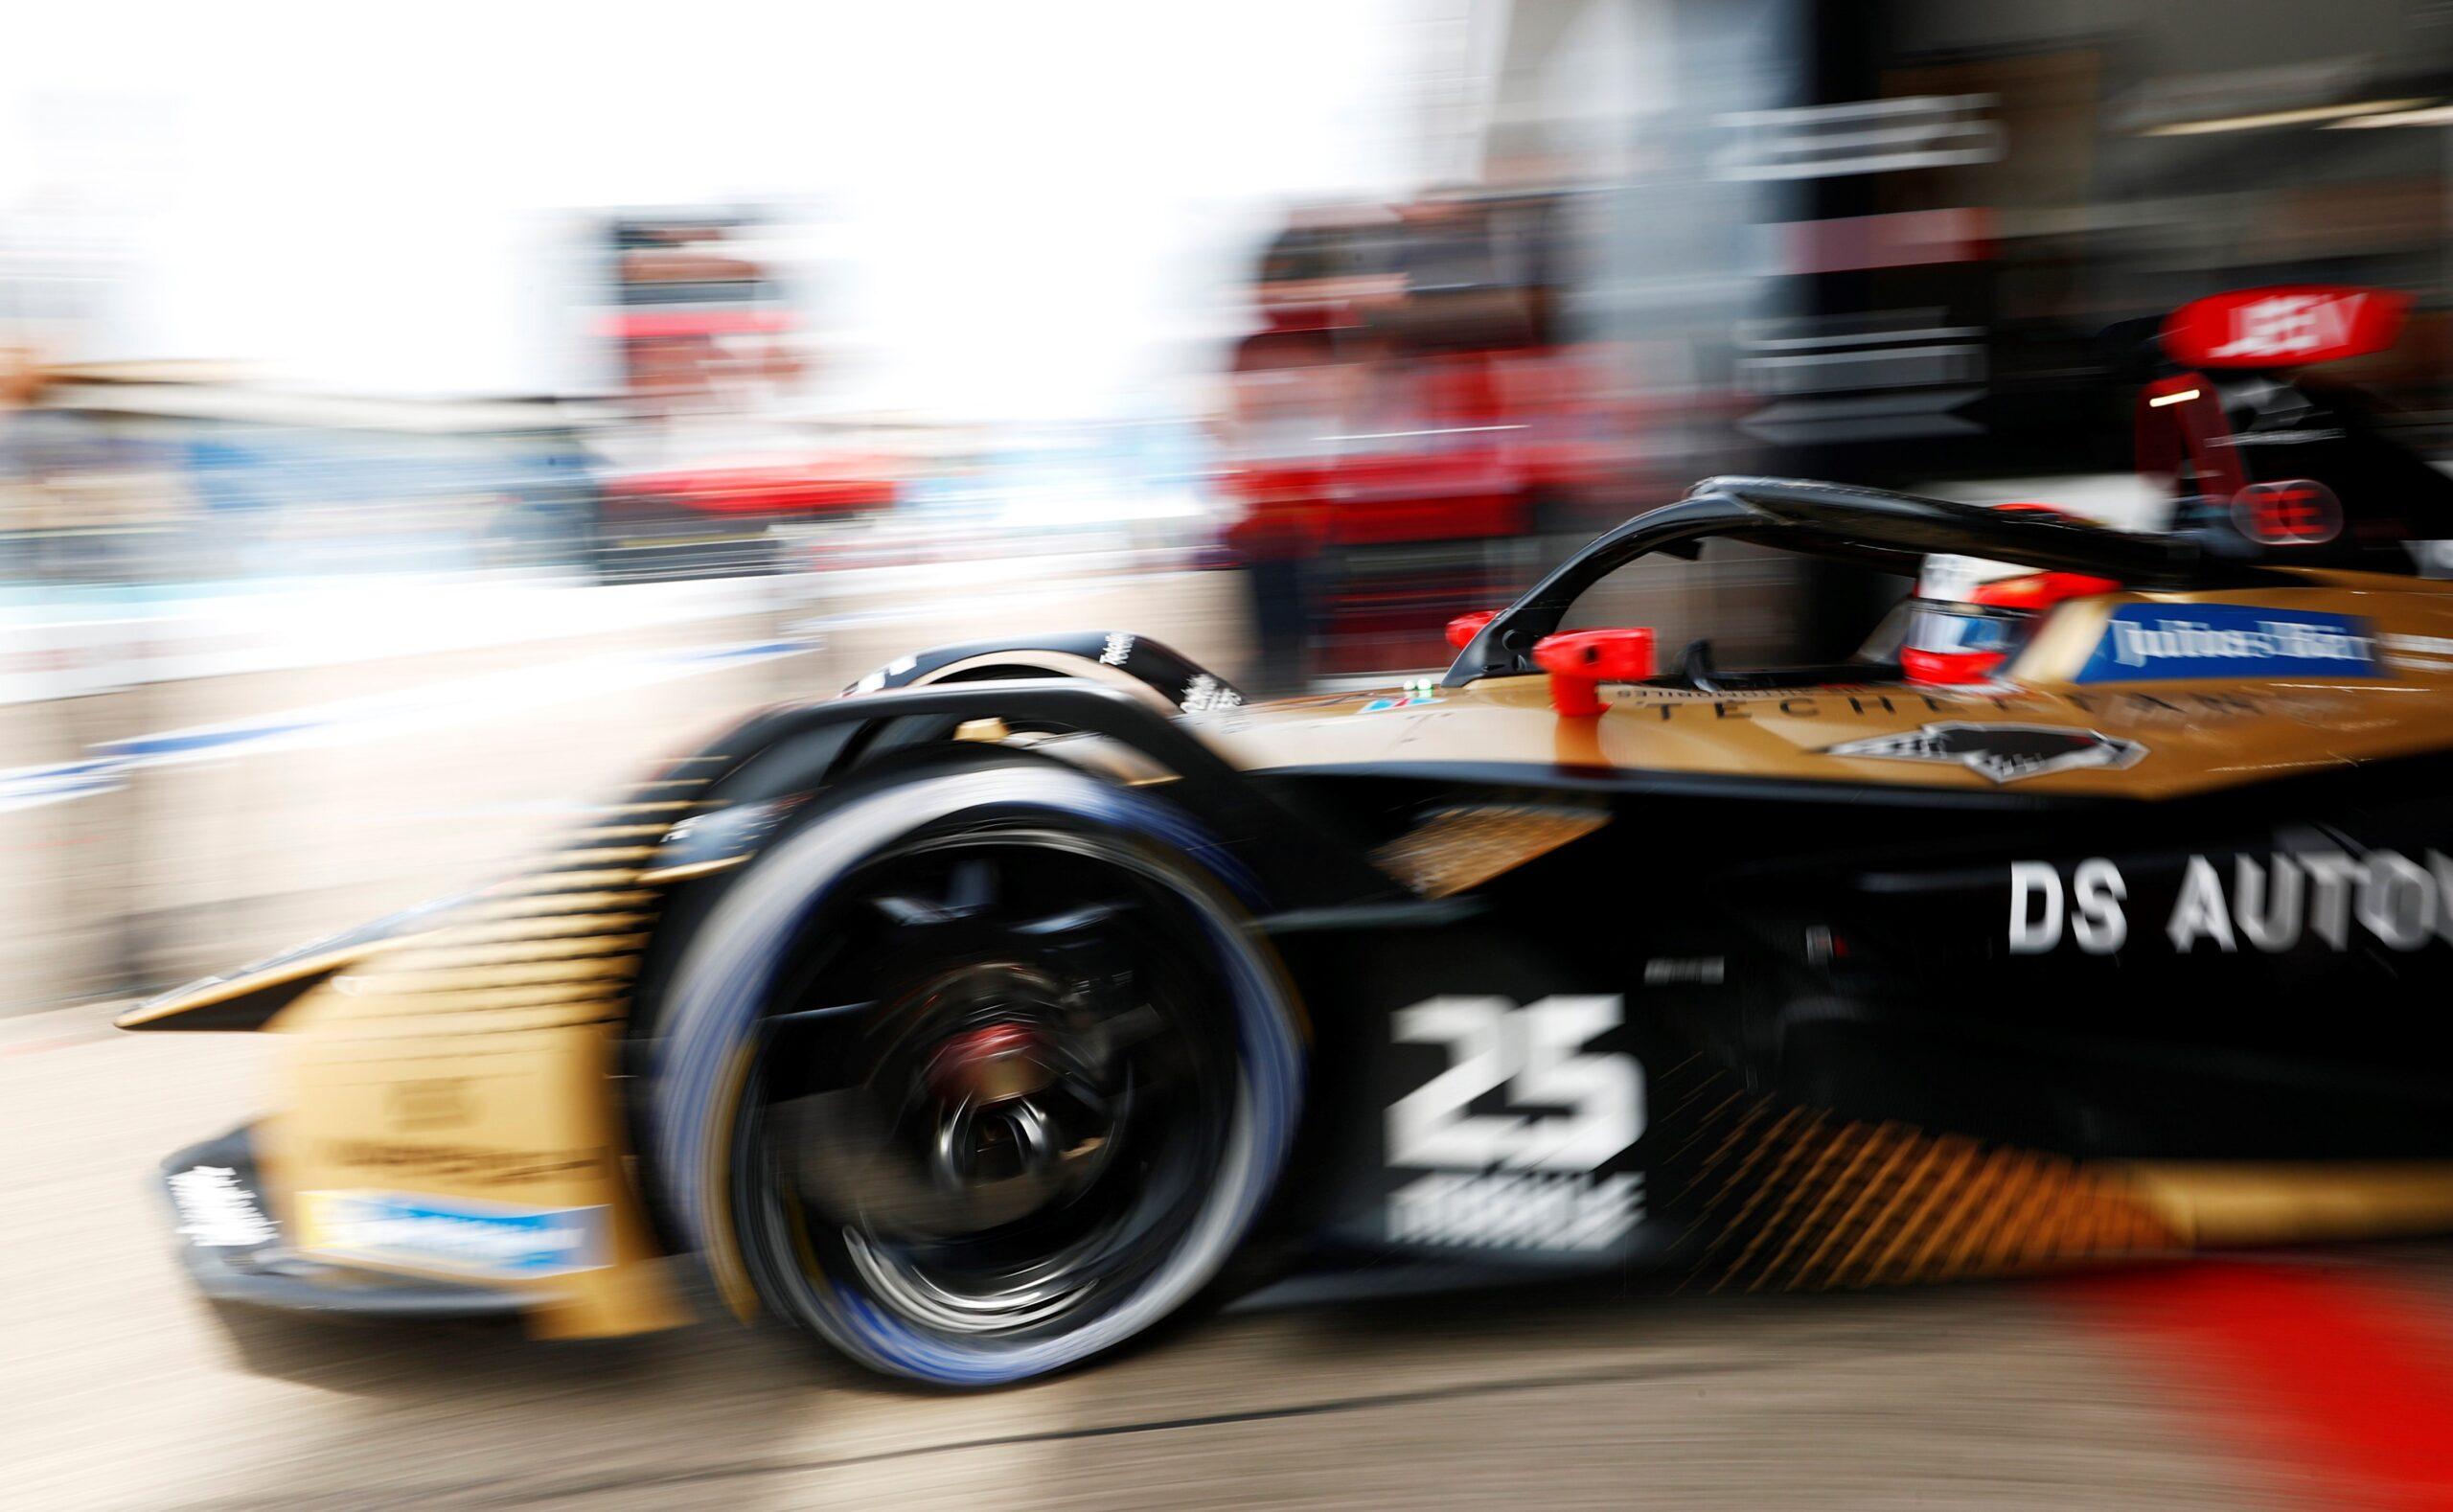 Qualifica E-Prix di Berlino (Round 14): Vergne in Pole Position, prima fila tutta DS TECHEETAH.